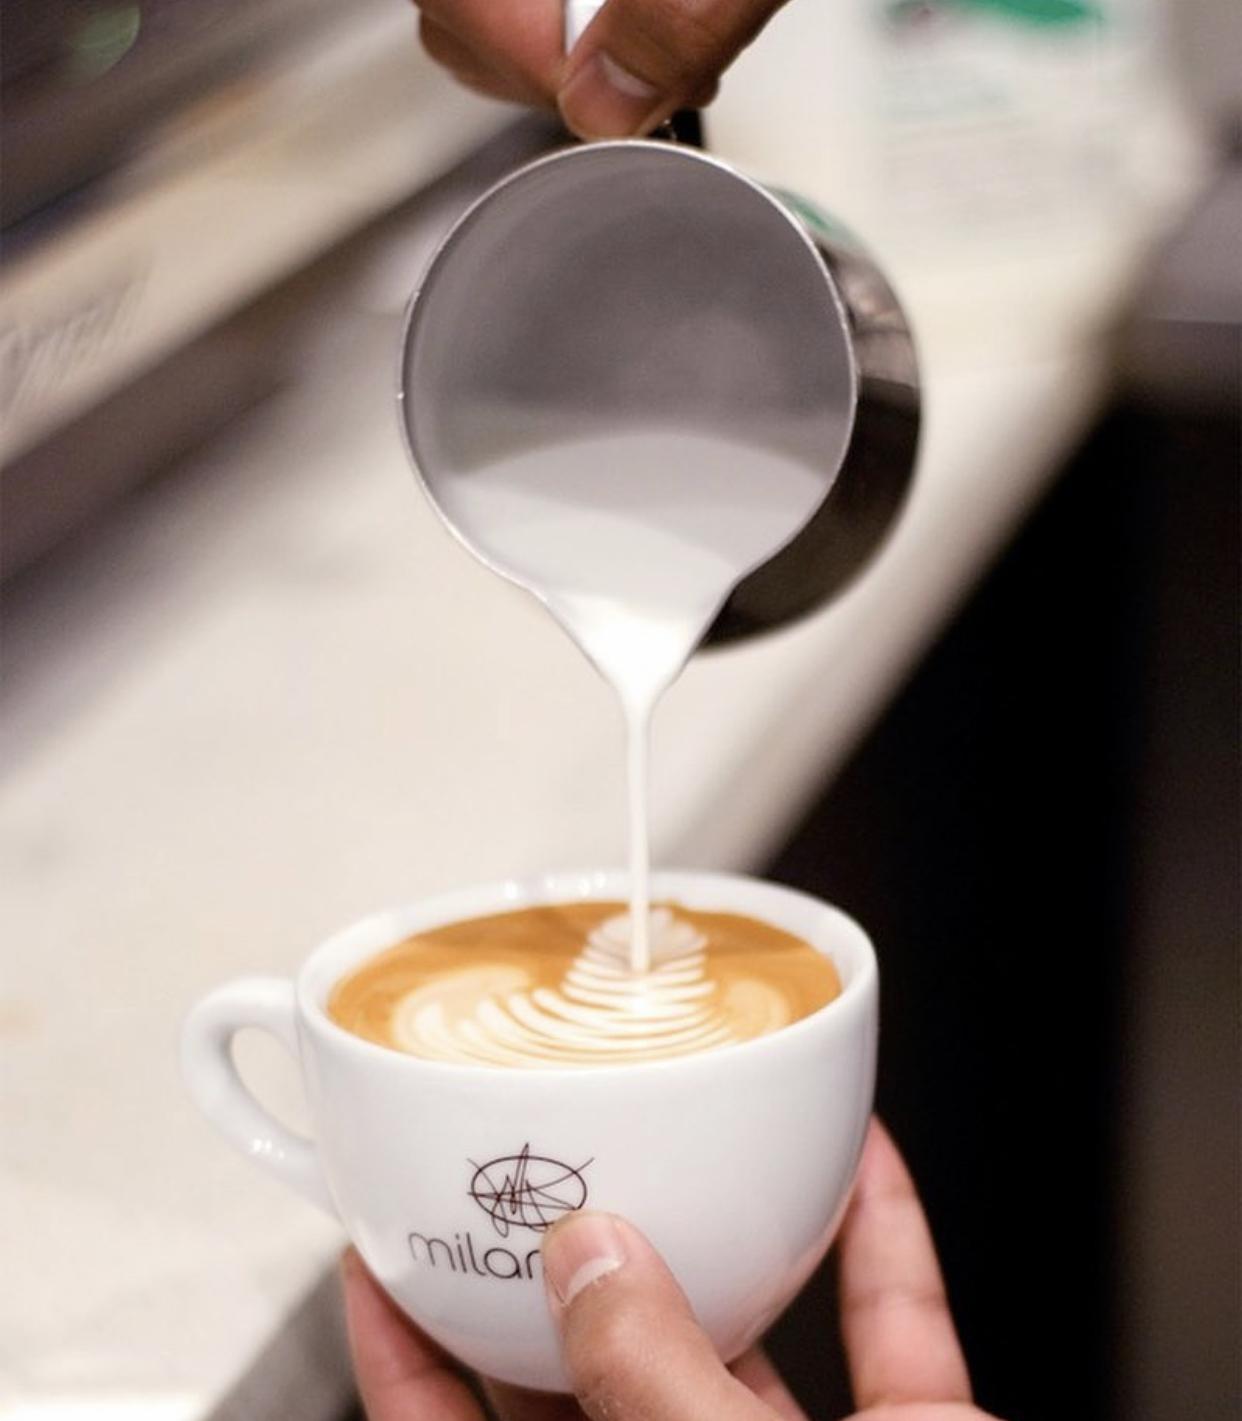 healthyway Milano coffee